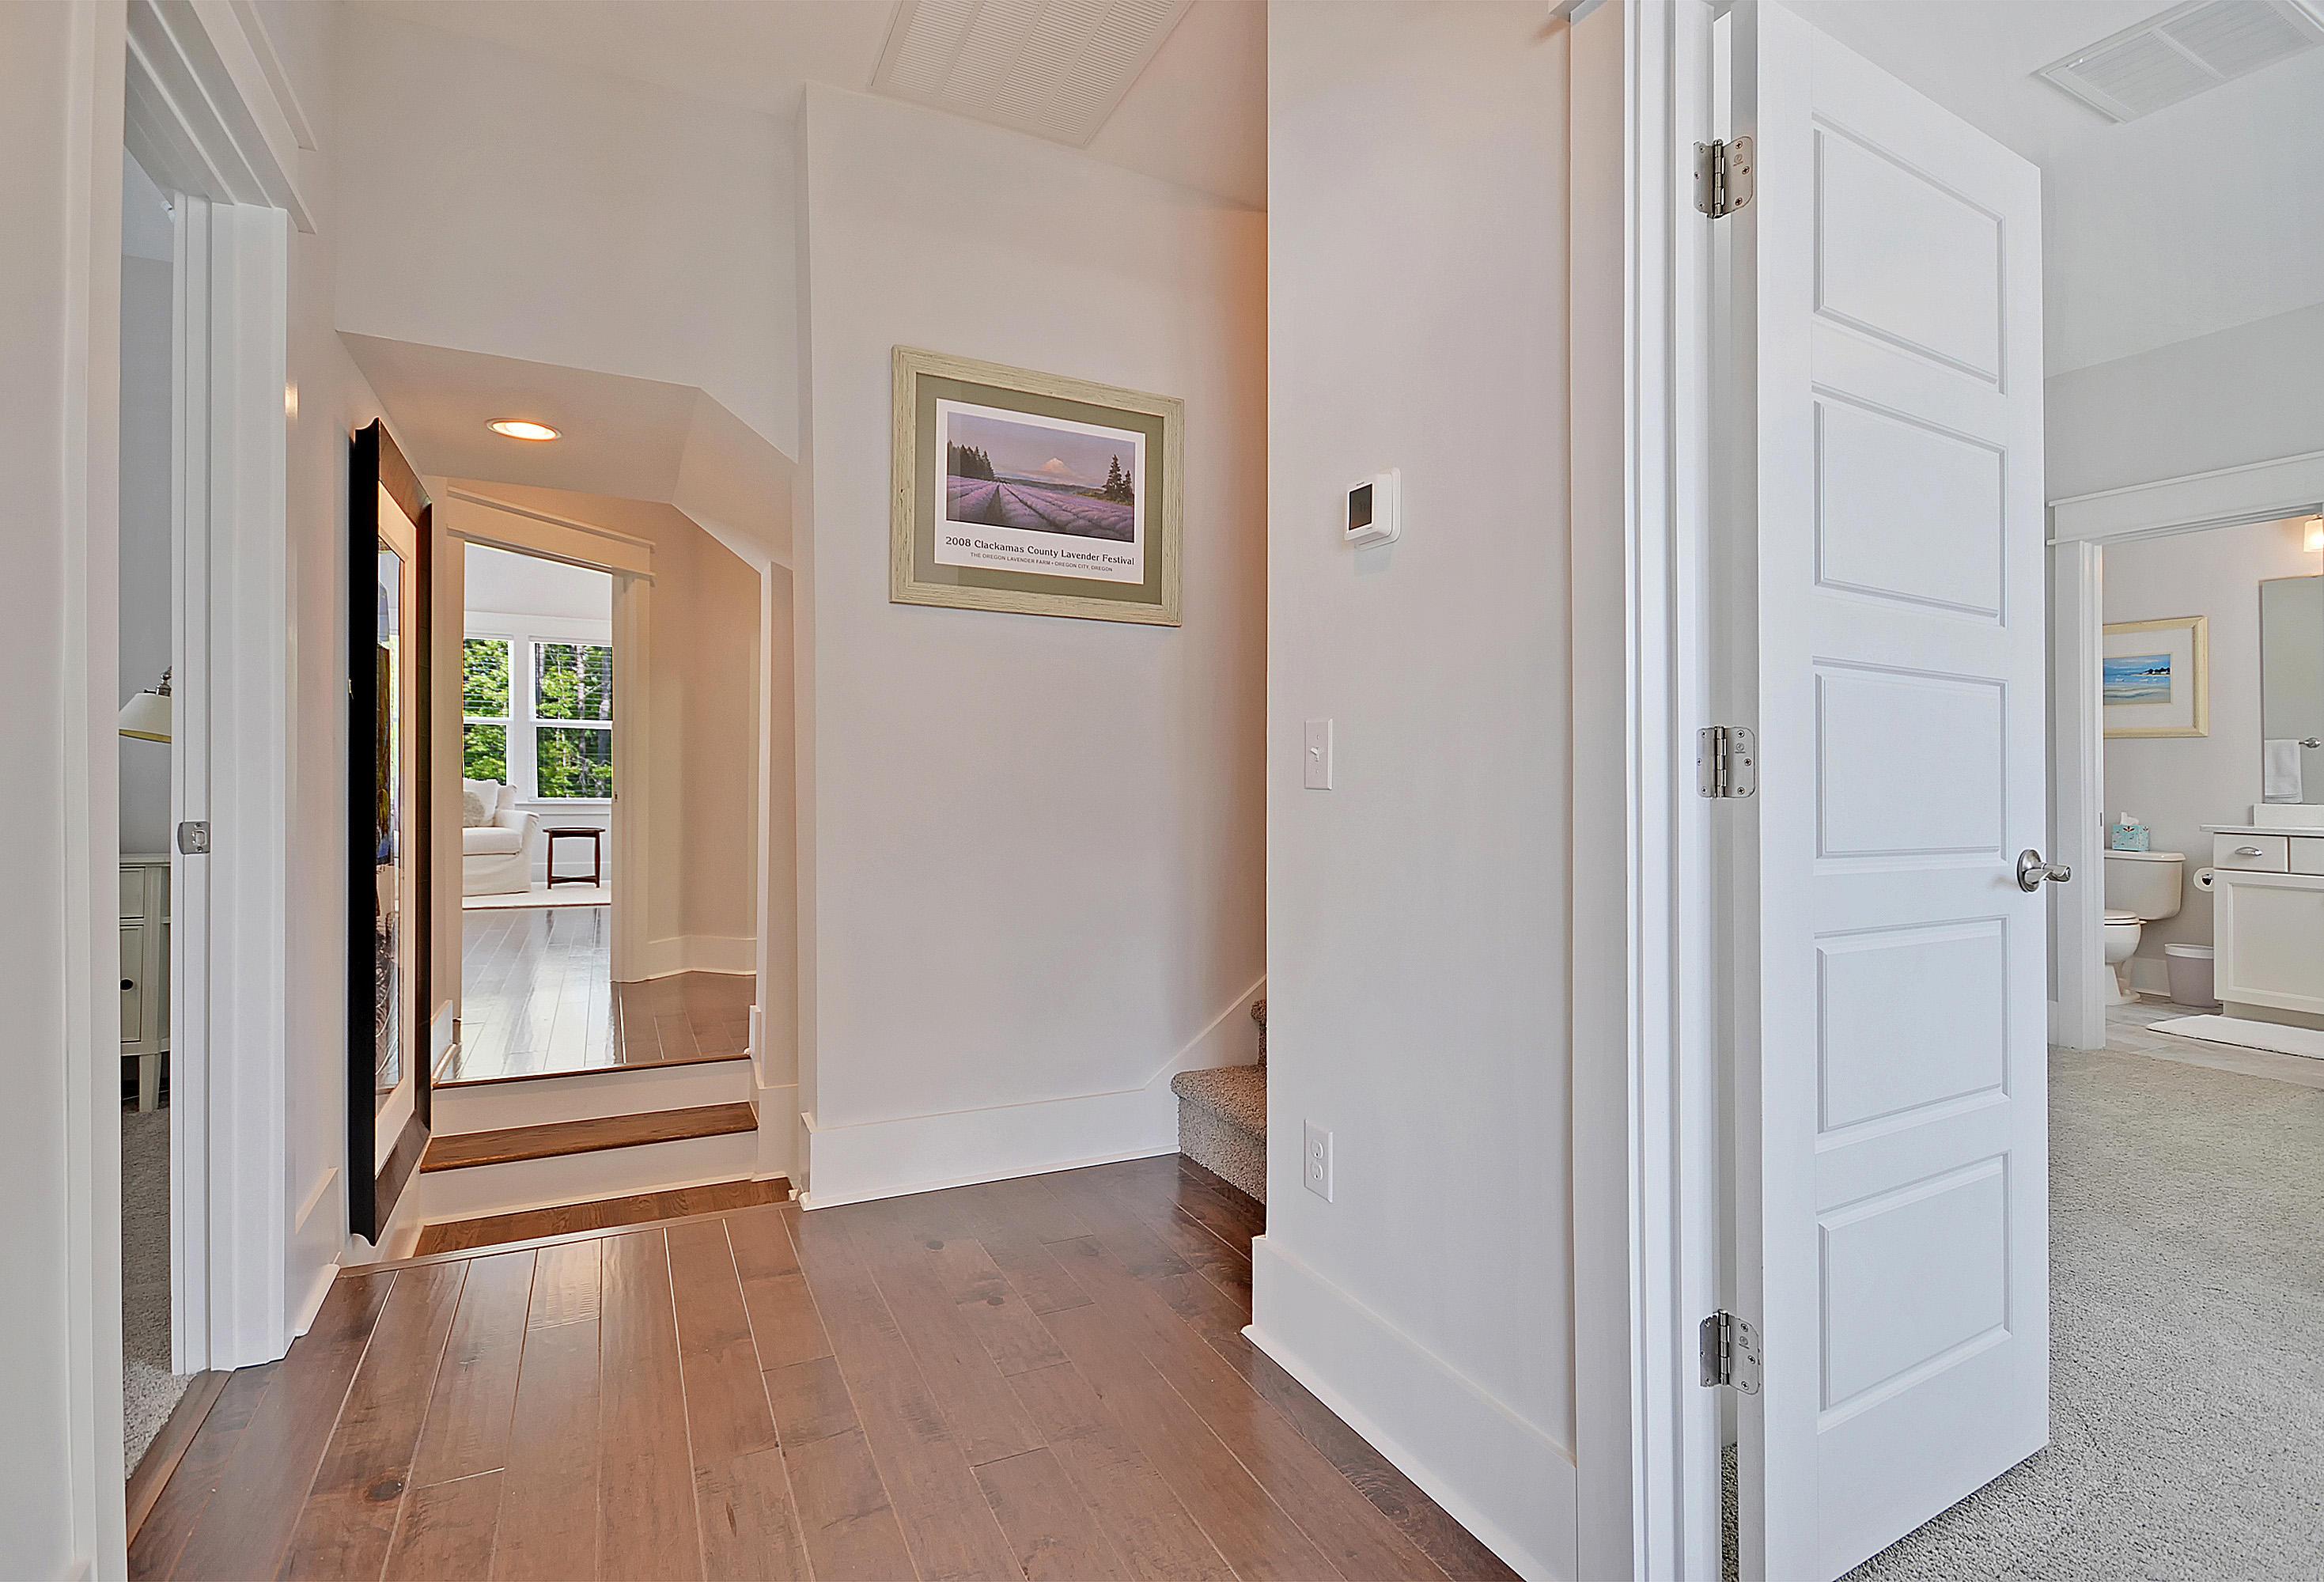 Dunes West Homes For Sale - 2927 Eddy, Mount Pleasant, SC - 14